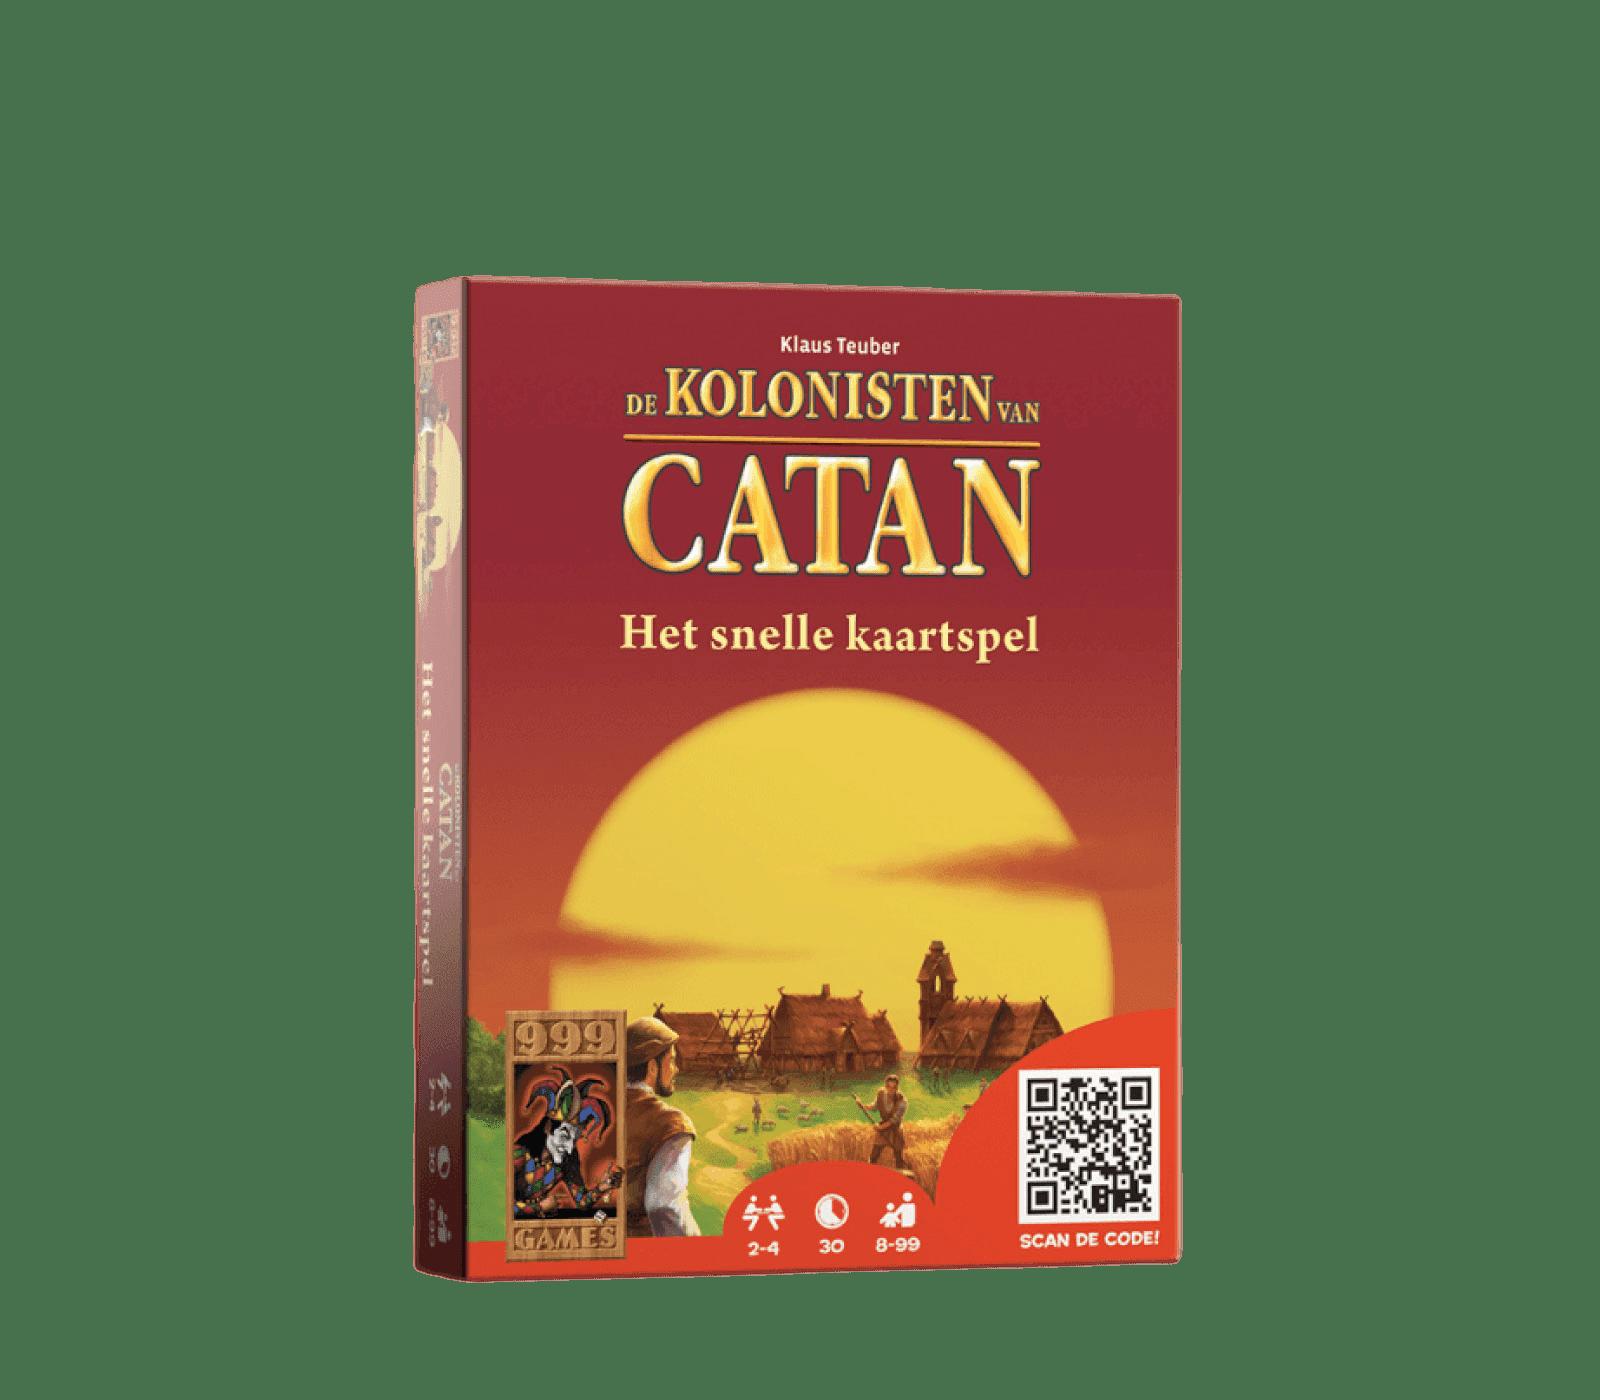 Kaartspel de kolonisten van catan